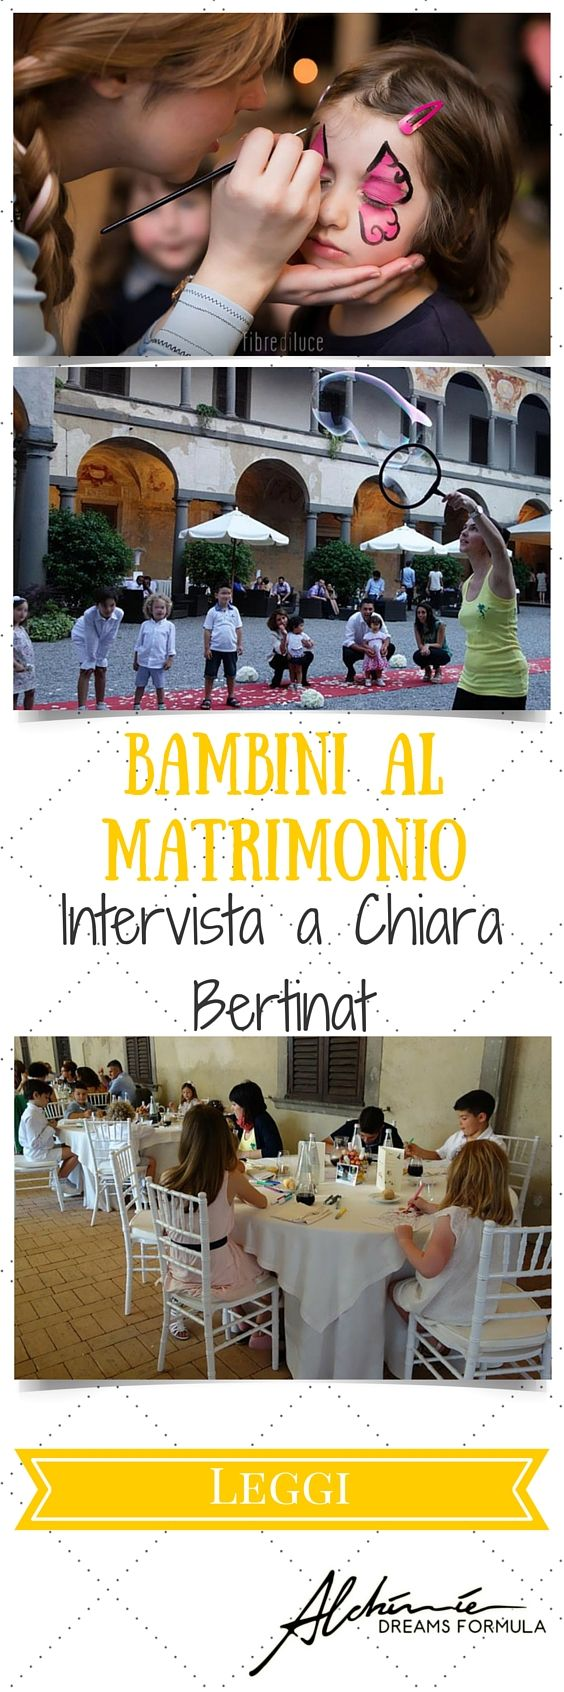 Bambini al matrimonio – Intervista a Chiara Bertinat